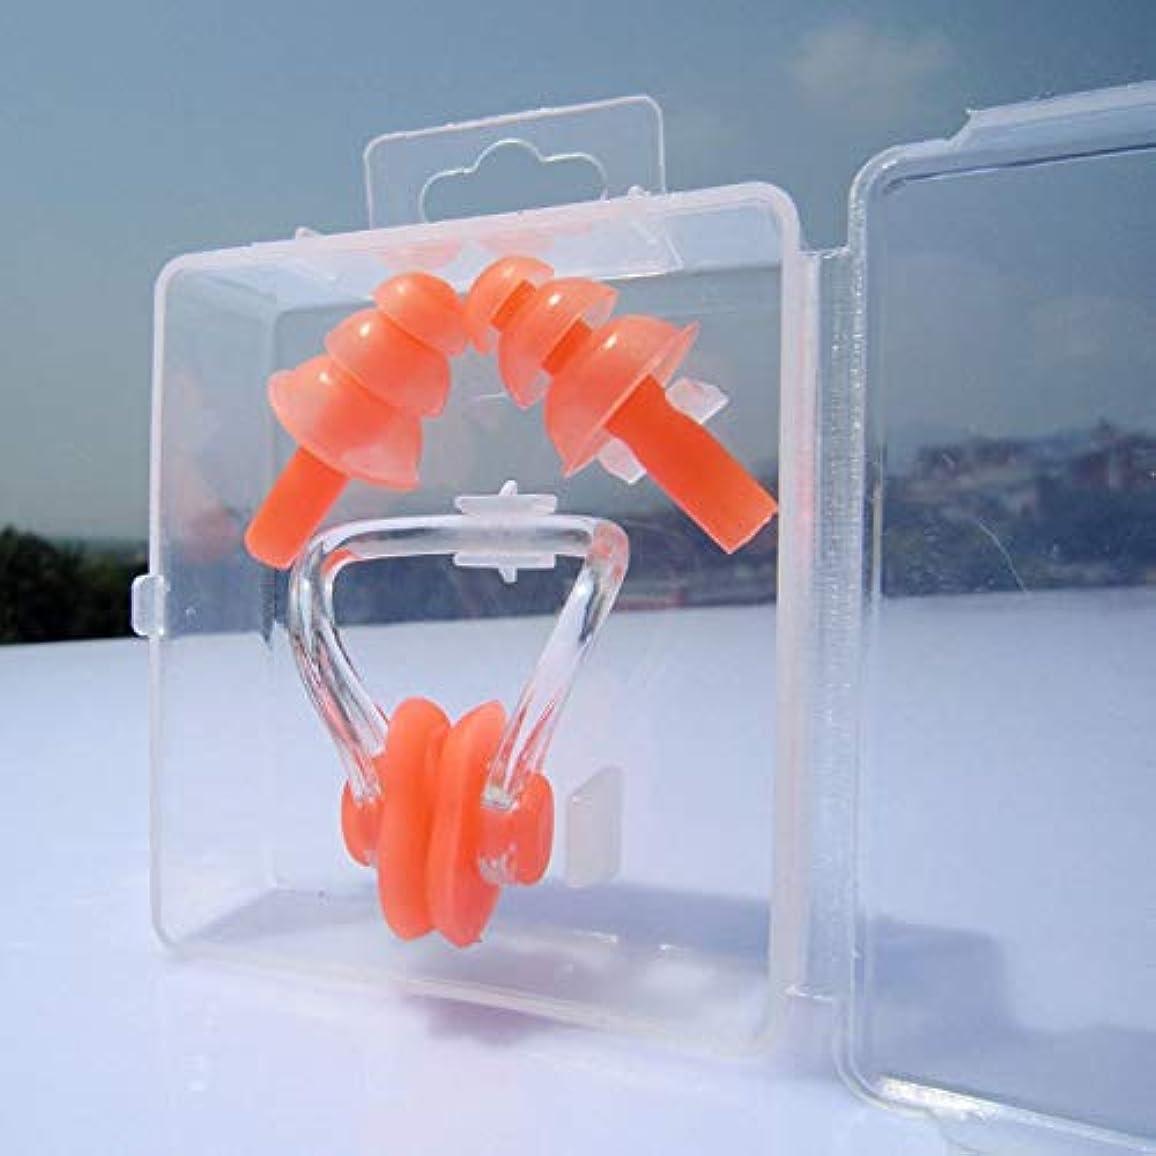 ペデスタル食器棚謙虚NOTE ソフトシリカゲル耳栓付きノーズクリップ先細旅行睡眠用品ノイズ防止スイミング防水イヤープラグMR116